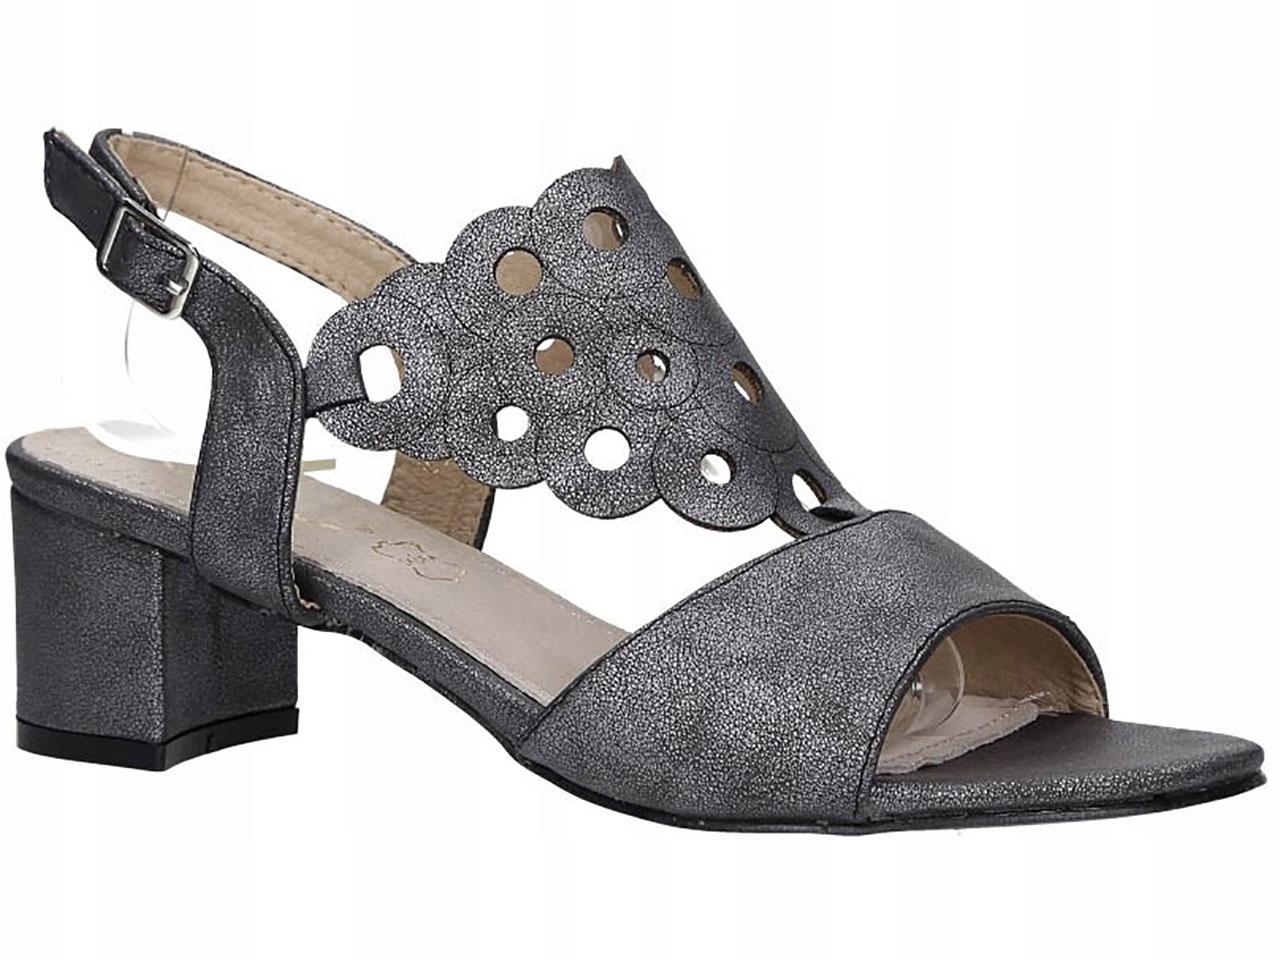 Sandały Na Słupku Niskim Obcasie Ażurowe New r 36